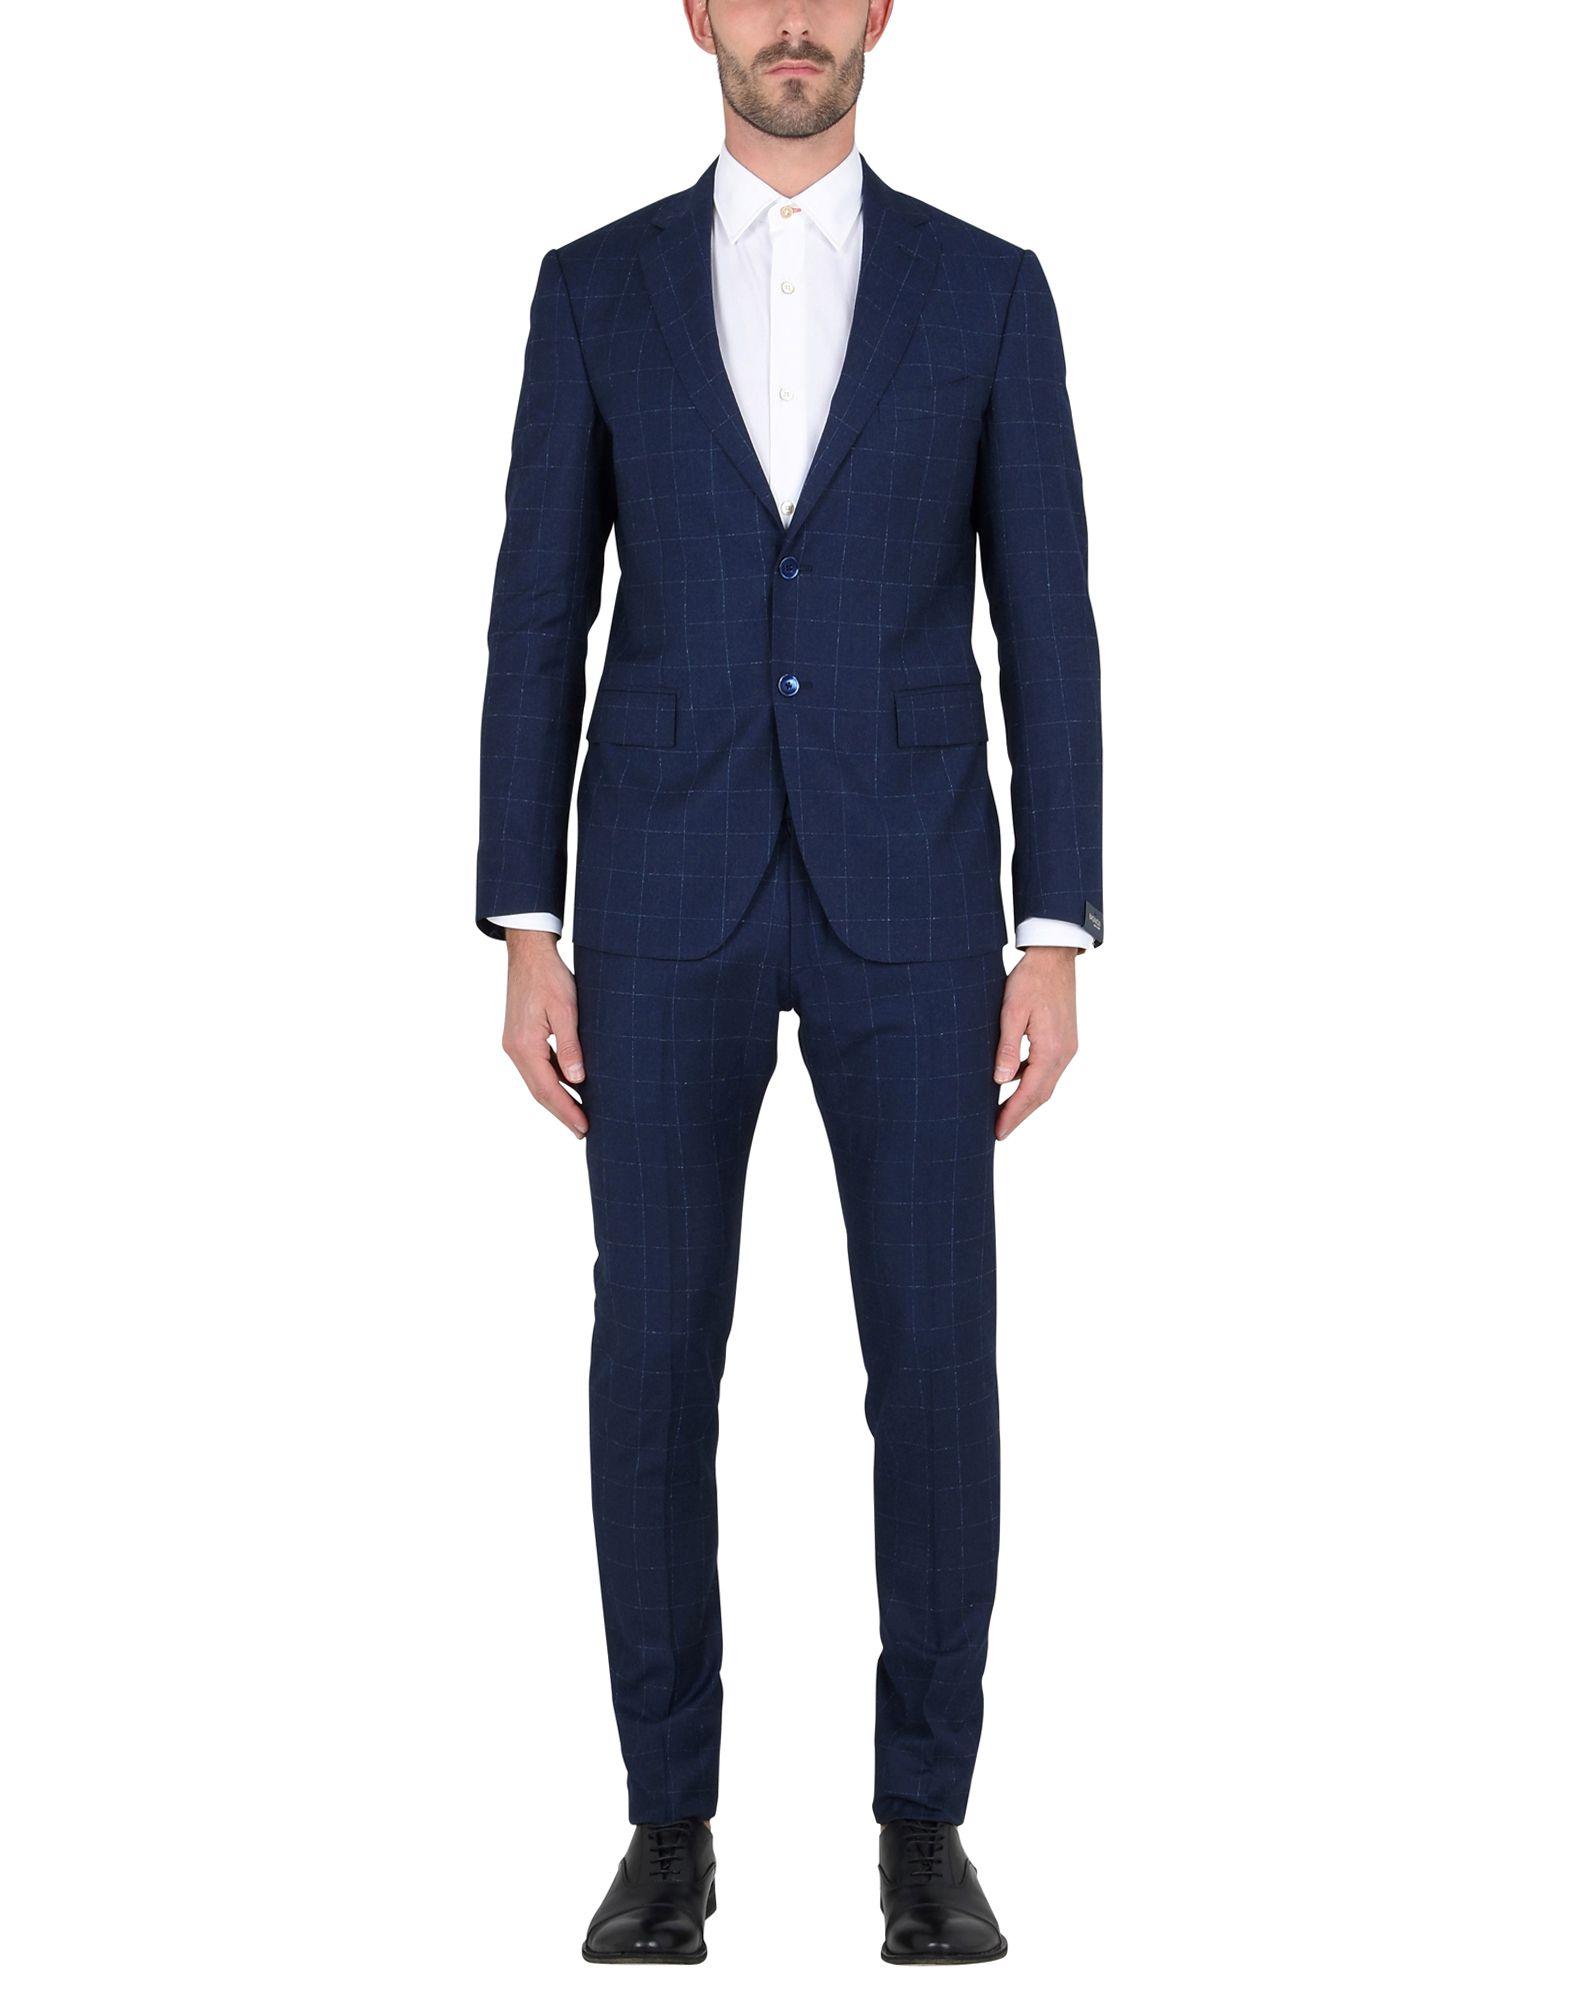 《送料無料》BAGNOLI Sartoria Napoli メンズ スーツ ブルー 52 バージンウール 100%